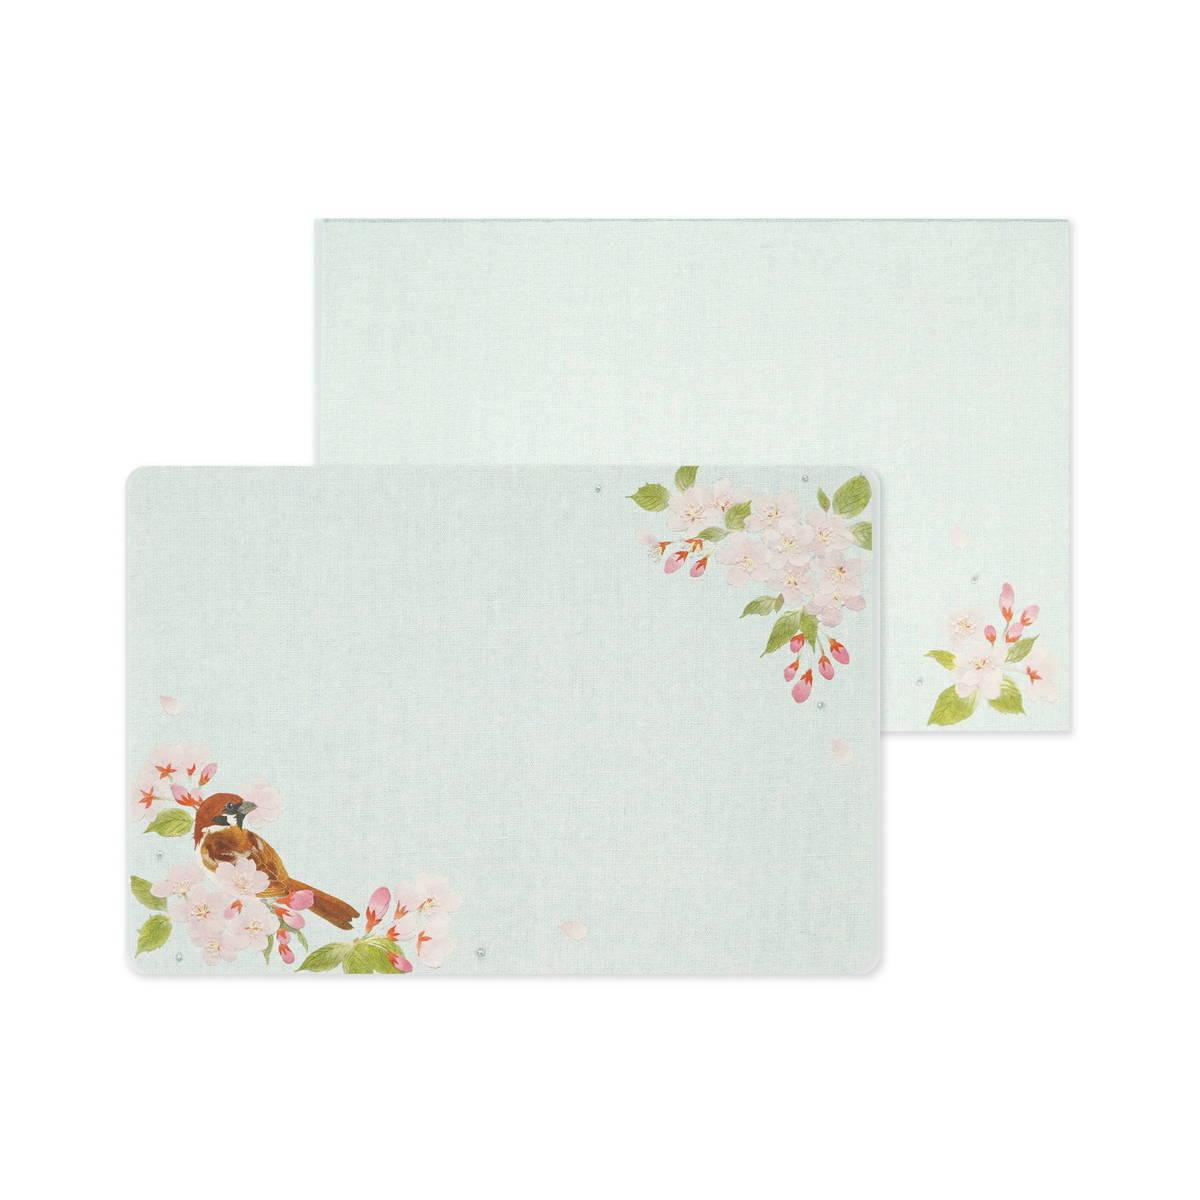 ミニレターセット 桜とすずめ|mls-080